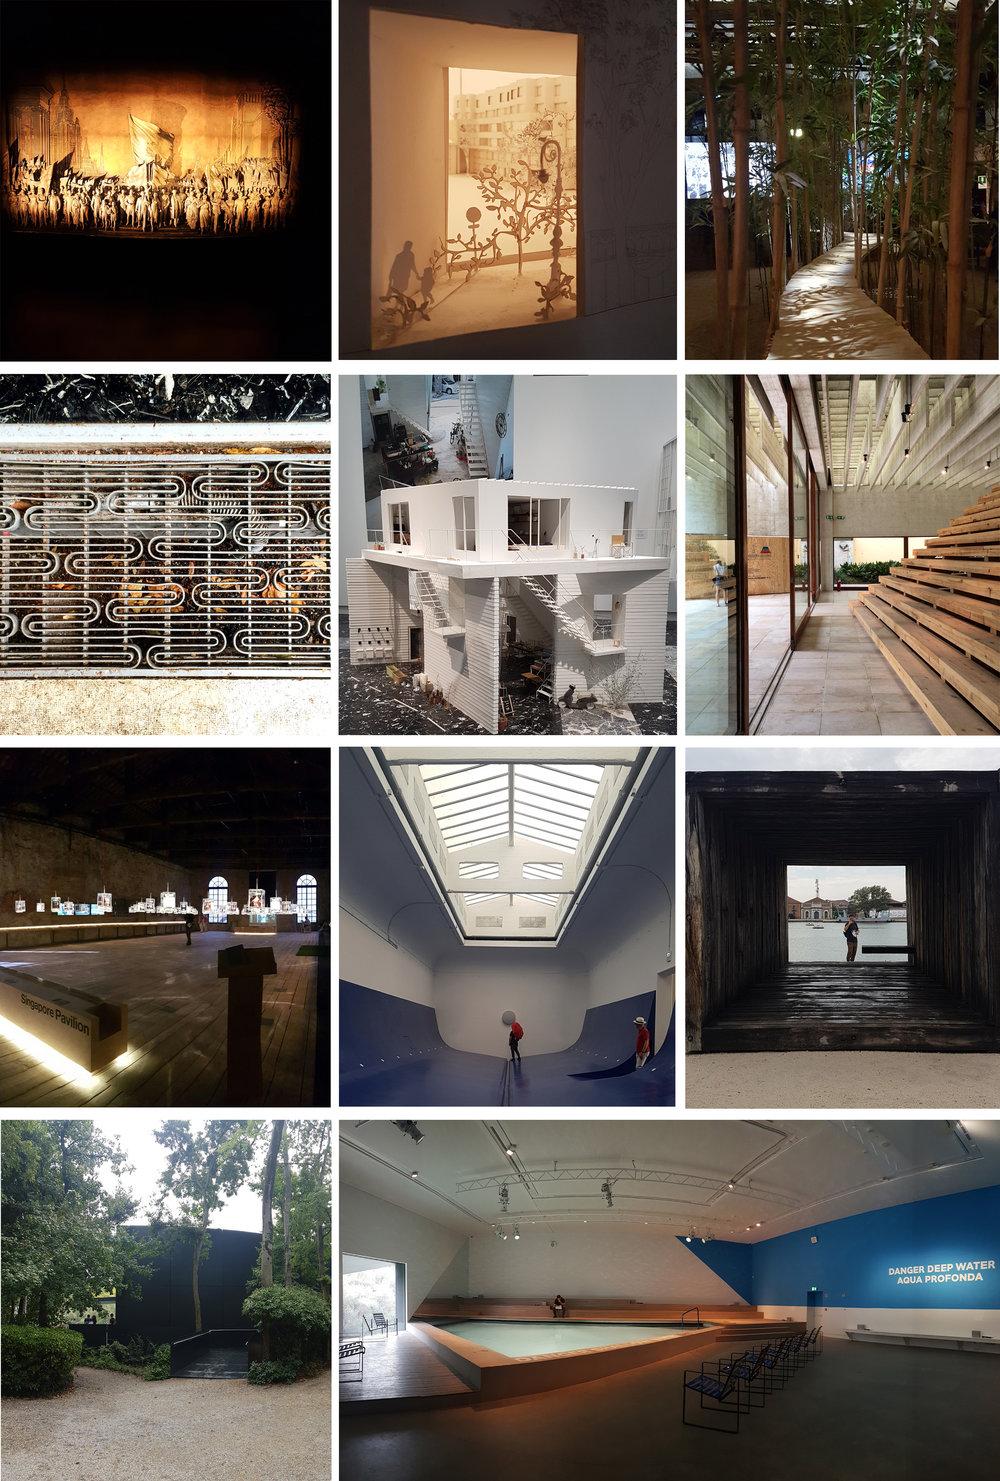 biennale collage 3.jpg